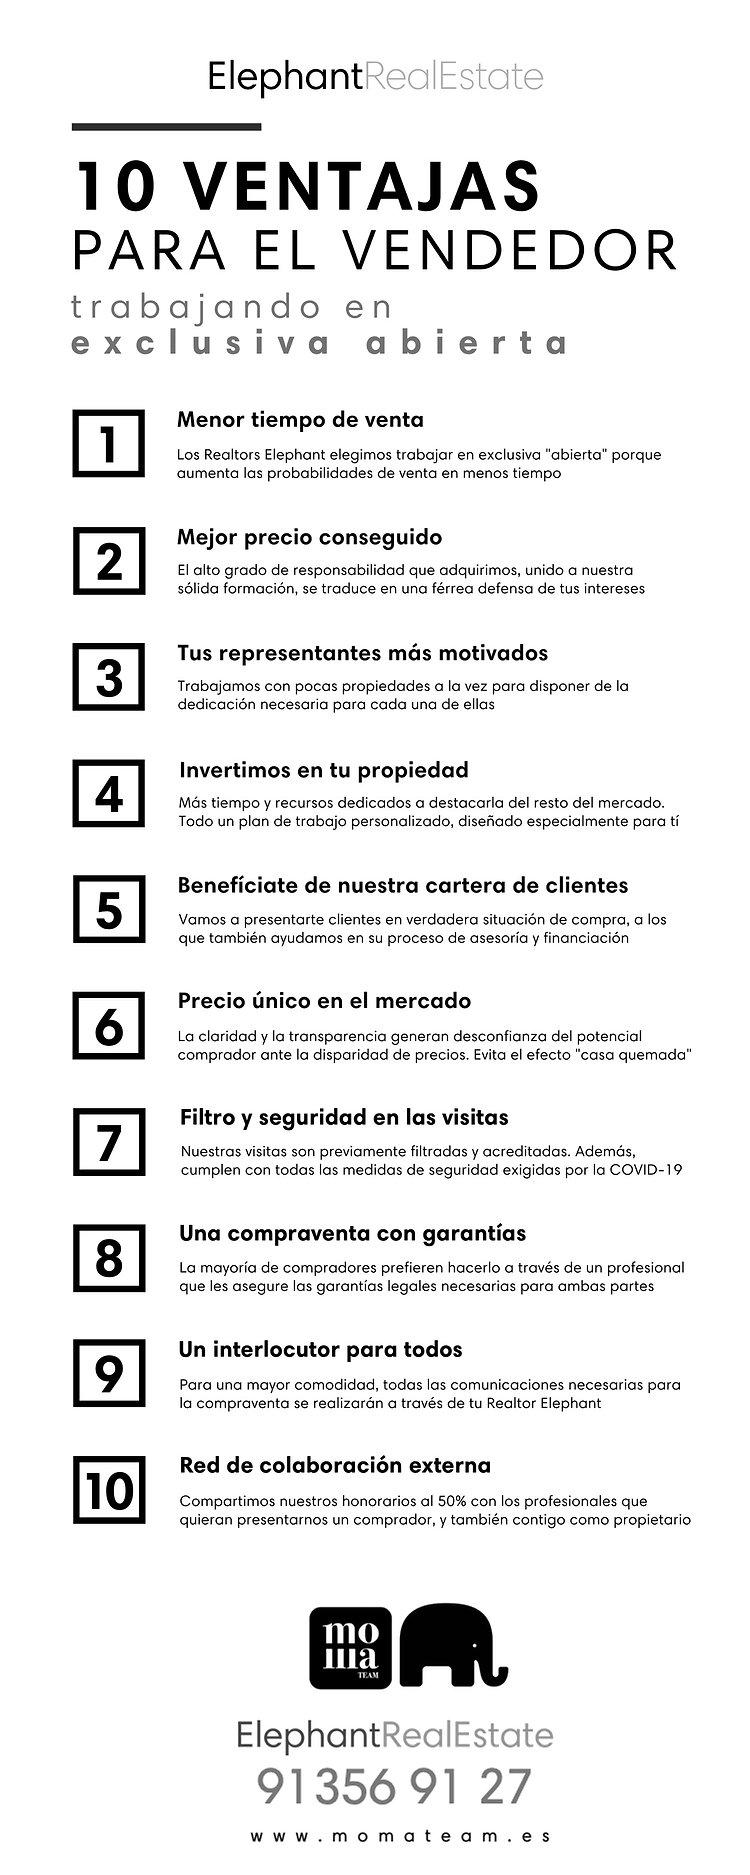 10 ventajas para el vendedor.jpg